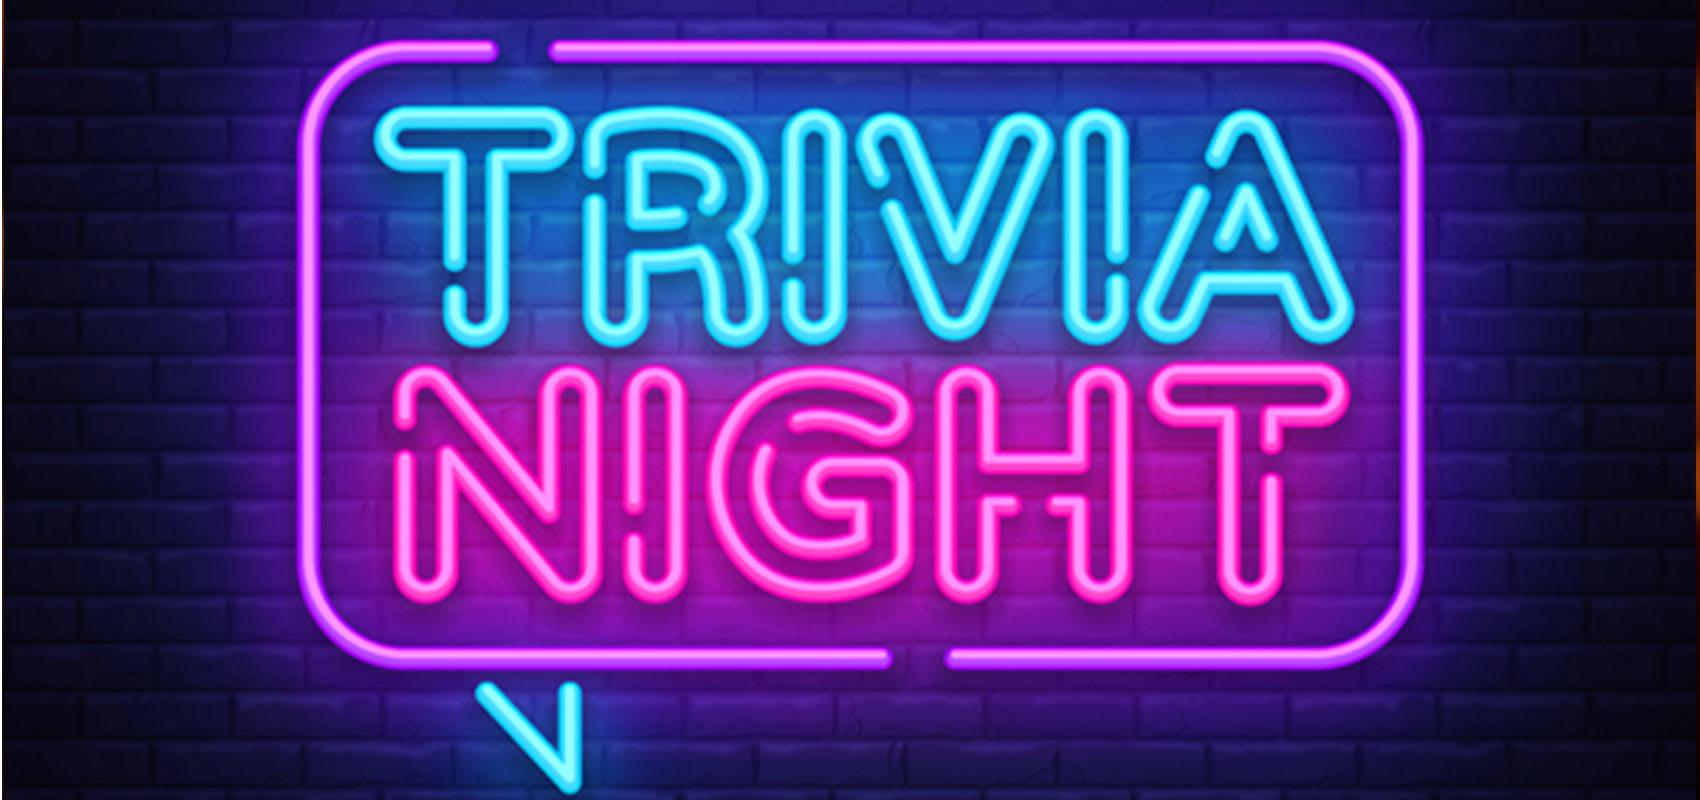 Tuesday Night Trivia at Flanagan's on Main Image